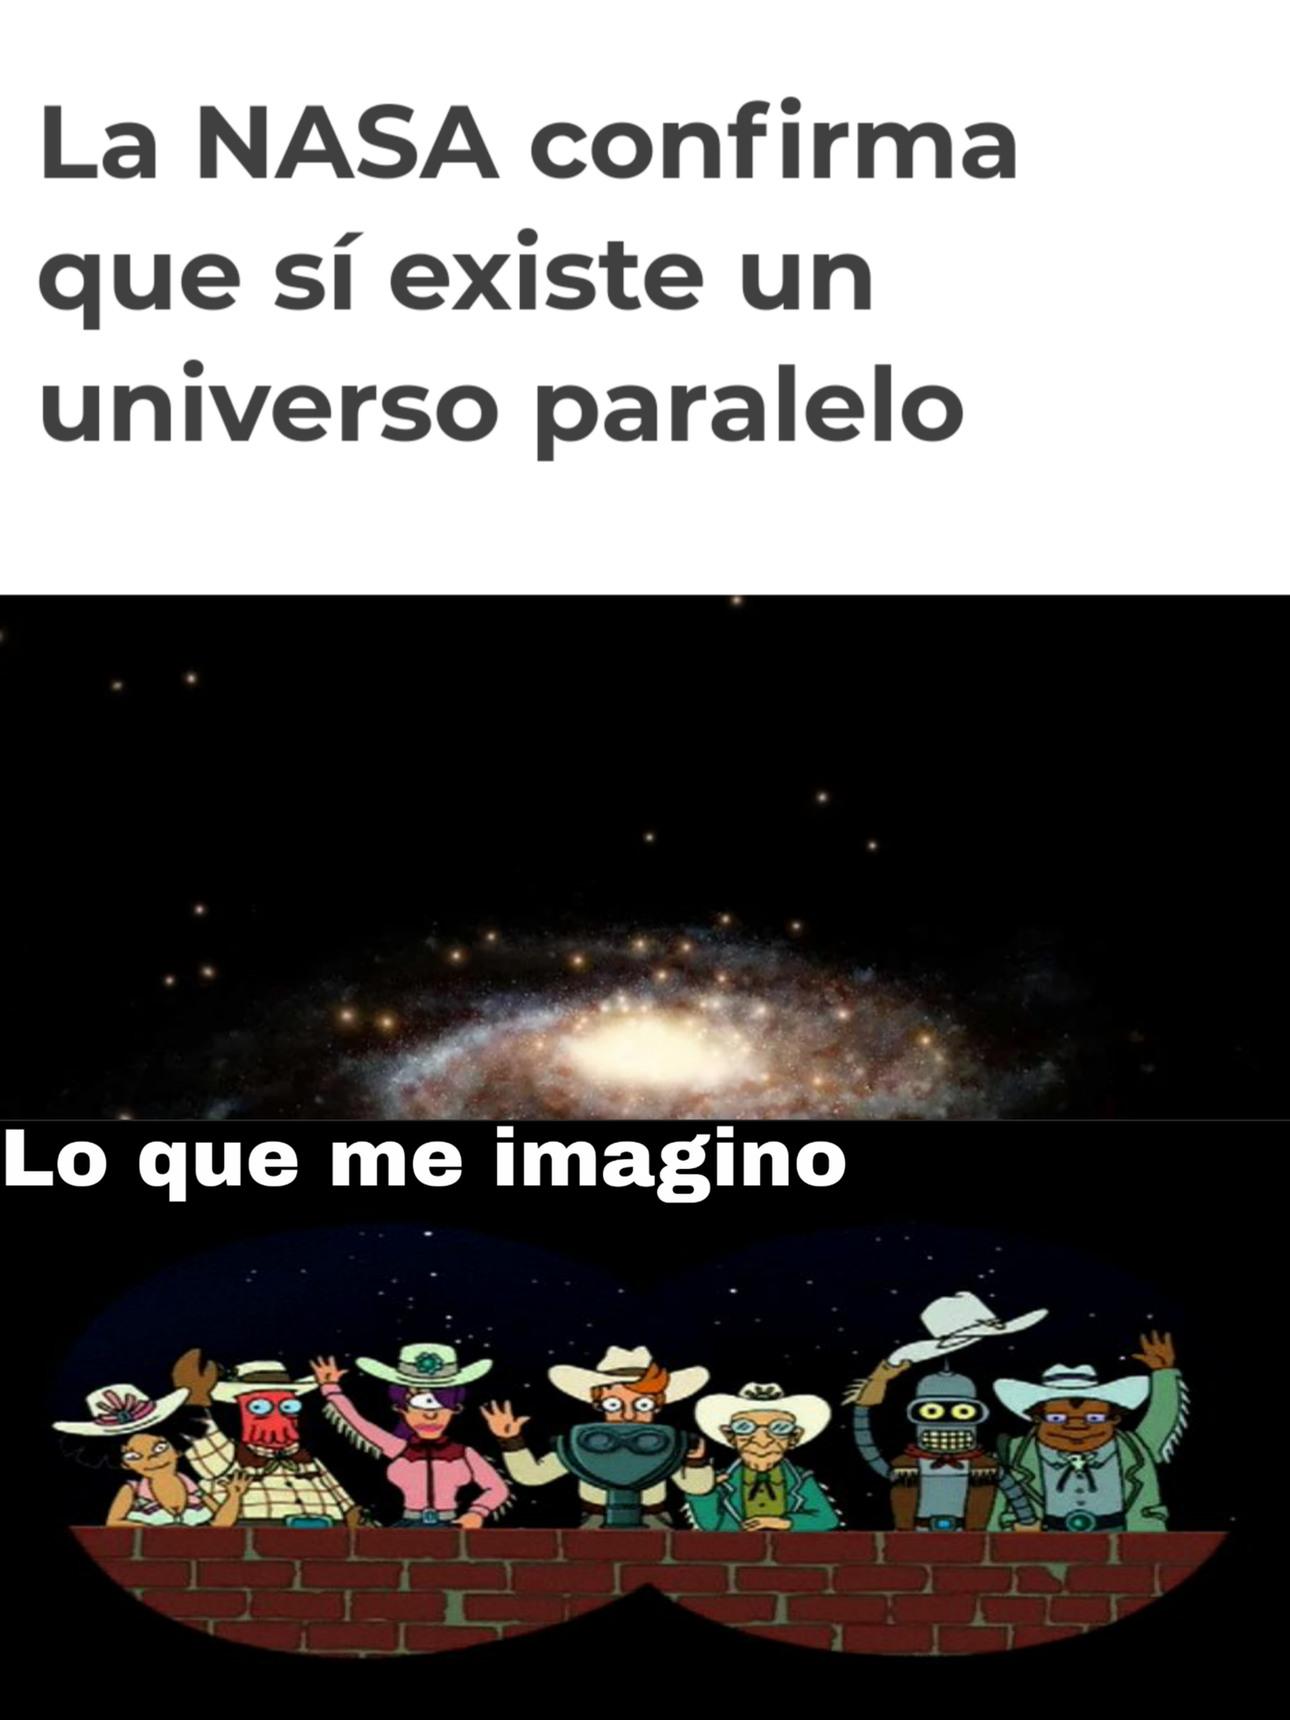 El universo de los vaqueros - meme